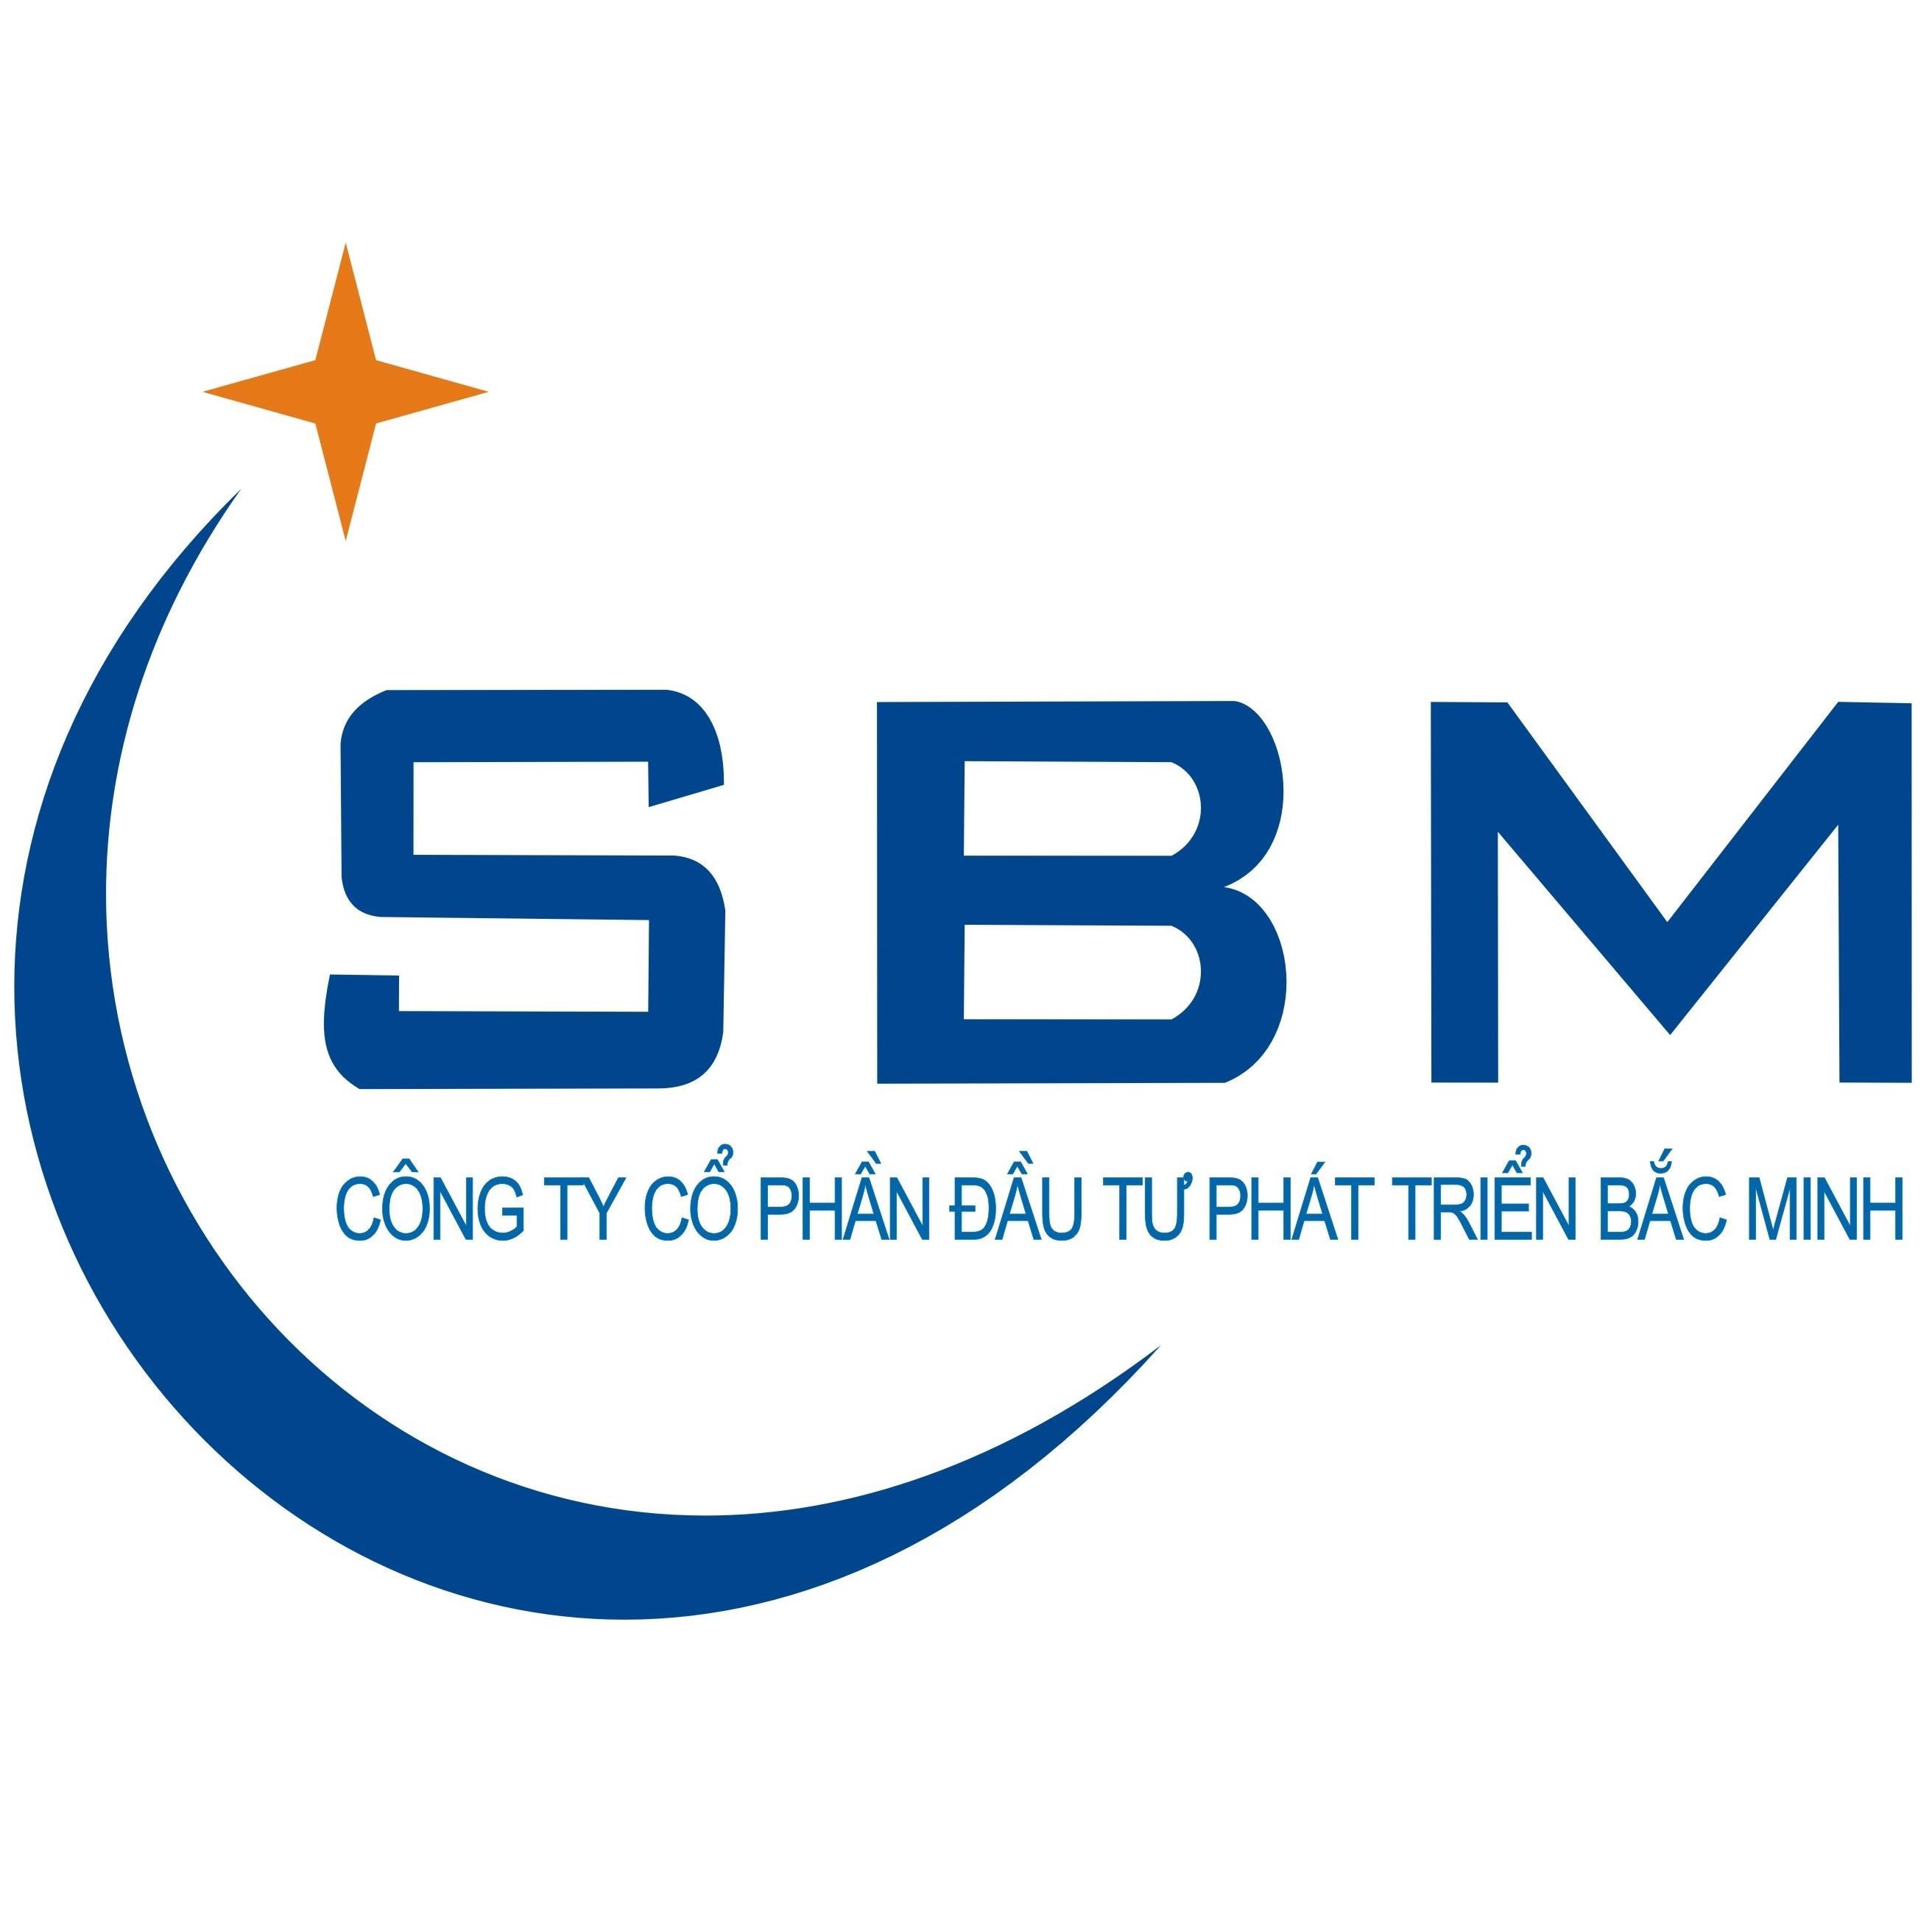 SBM: Ngày đăng ký cuối cùng Tham dự Đại hội đồng cổ đông thường niên năm 2018